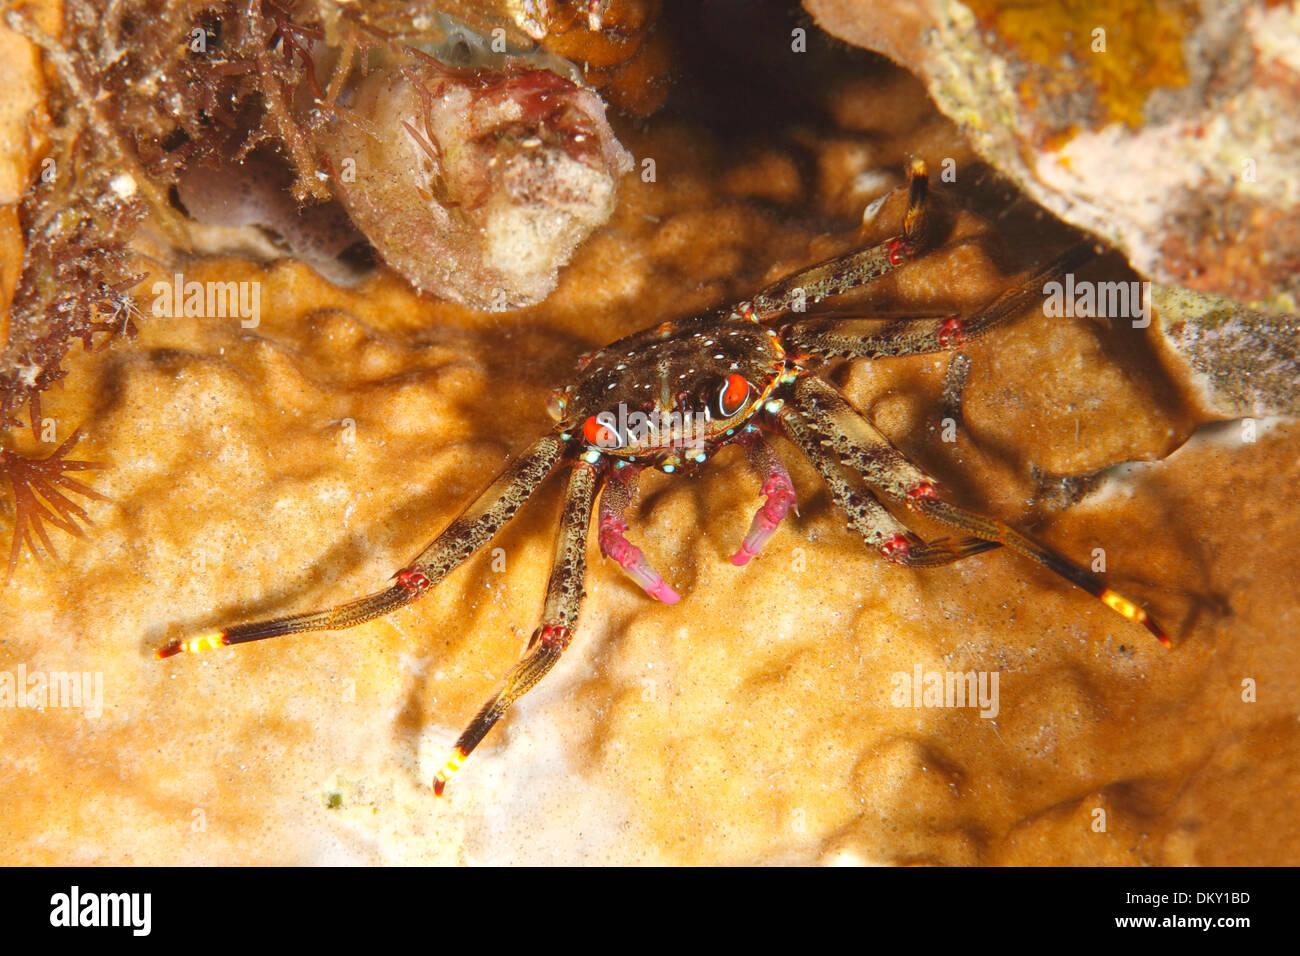 Flat Rock Crab, Percnon planissimum. Tulamben, Bali, Indonesia. Bali Sea, Indian Ocean - Stock Image